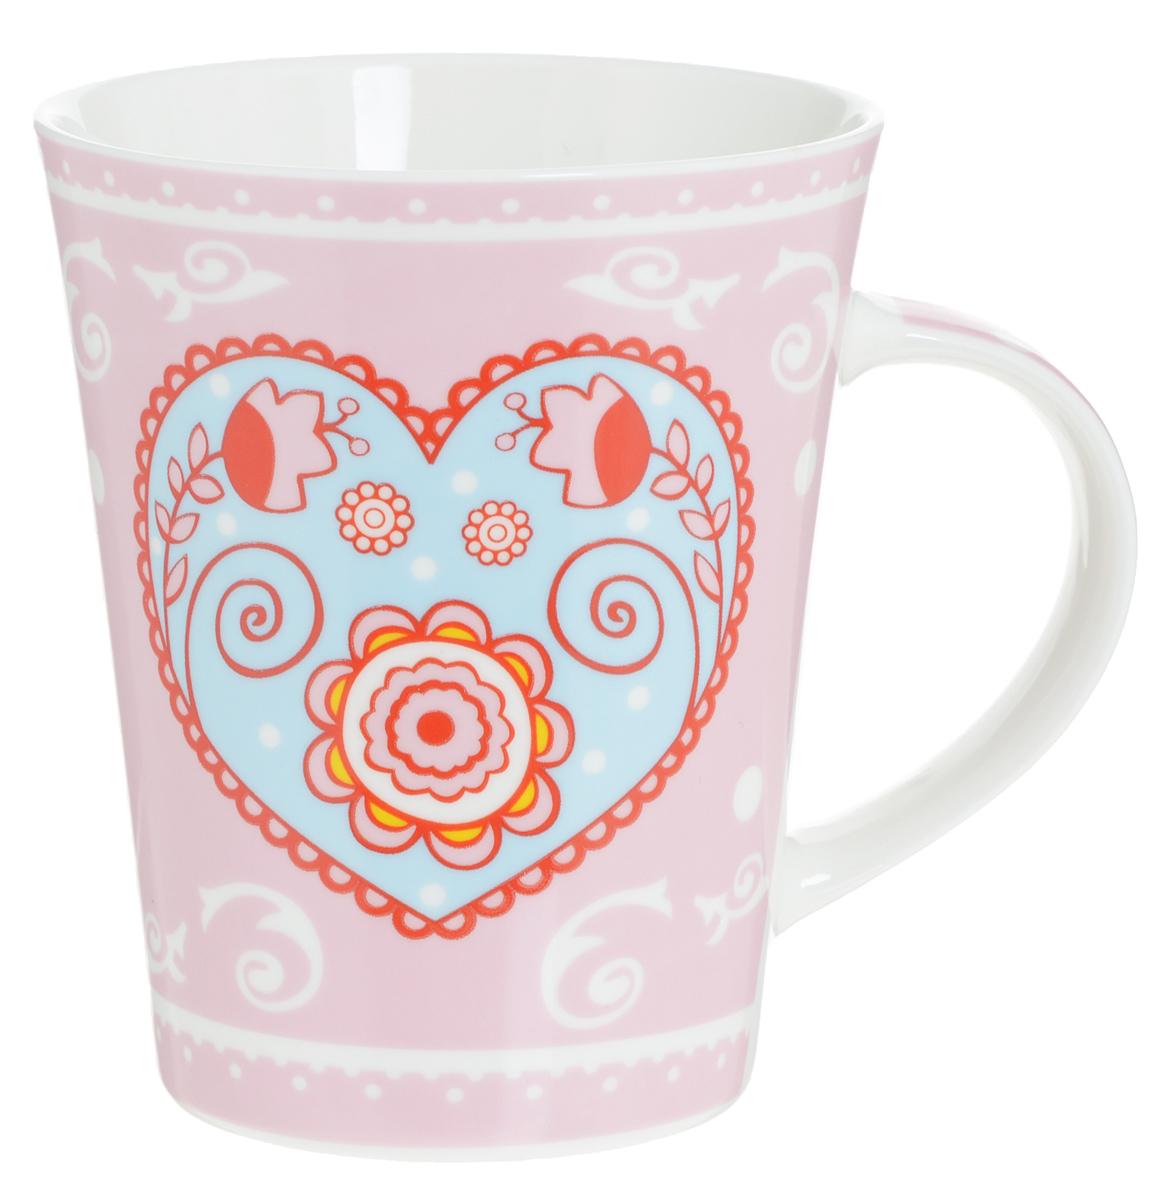 Кружка Loraine Сердце, цвет: розовый, голубой, 400 мл22118_голубое сердцеОригинальная кружка Loraine Сердце выполнена из высококачественной керамики и украшена изображением сердечек и надписями. Изделие оснащено эргономичной ручкой. Кружка Loraine Love сочетает в себе яркийдизайн и функциональность. Она согреет вас долгими холодными вечерами. Диаметр (по верхнему краю): 9 см. Высота кружки: 10,7 см.Объем: 400 мл.